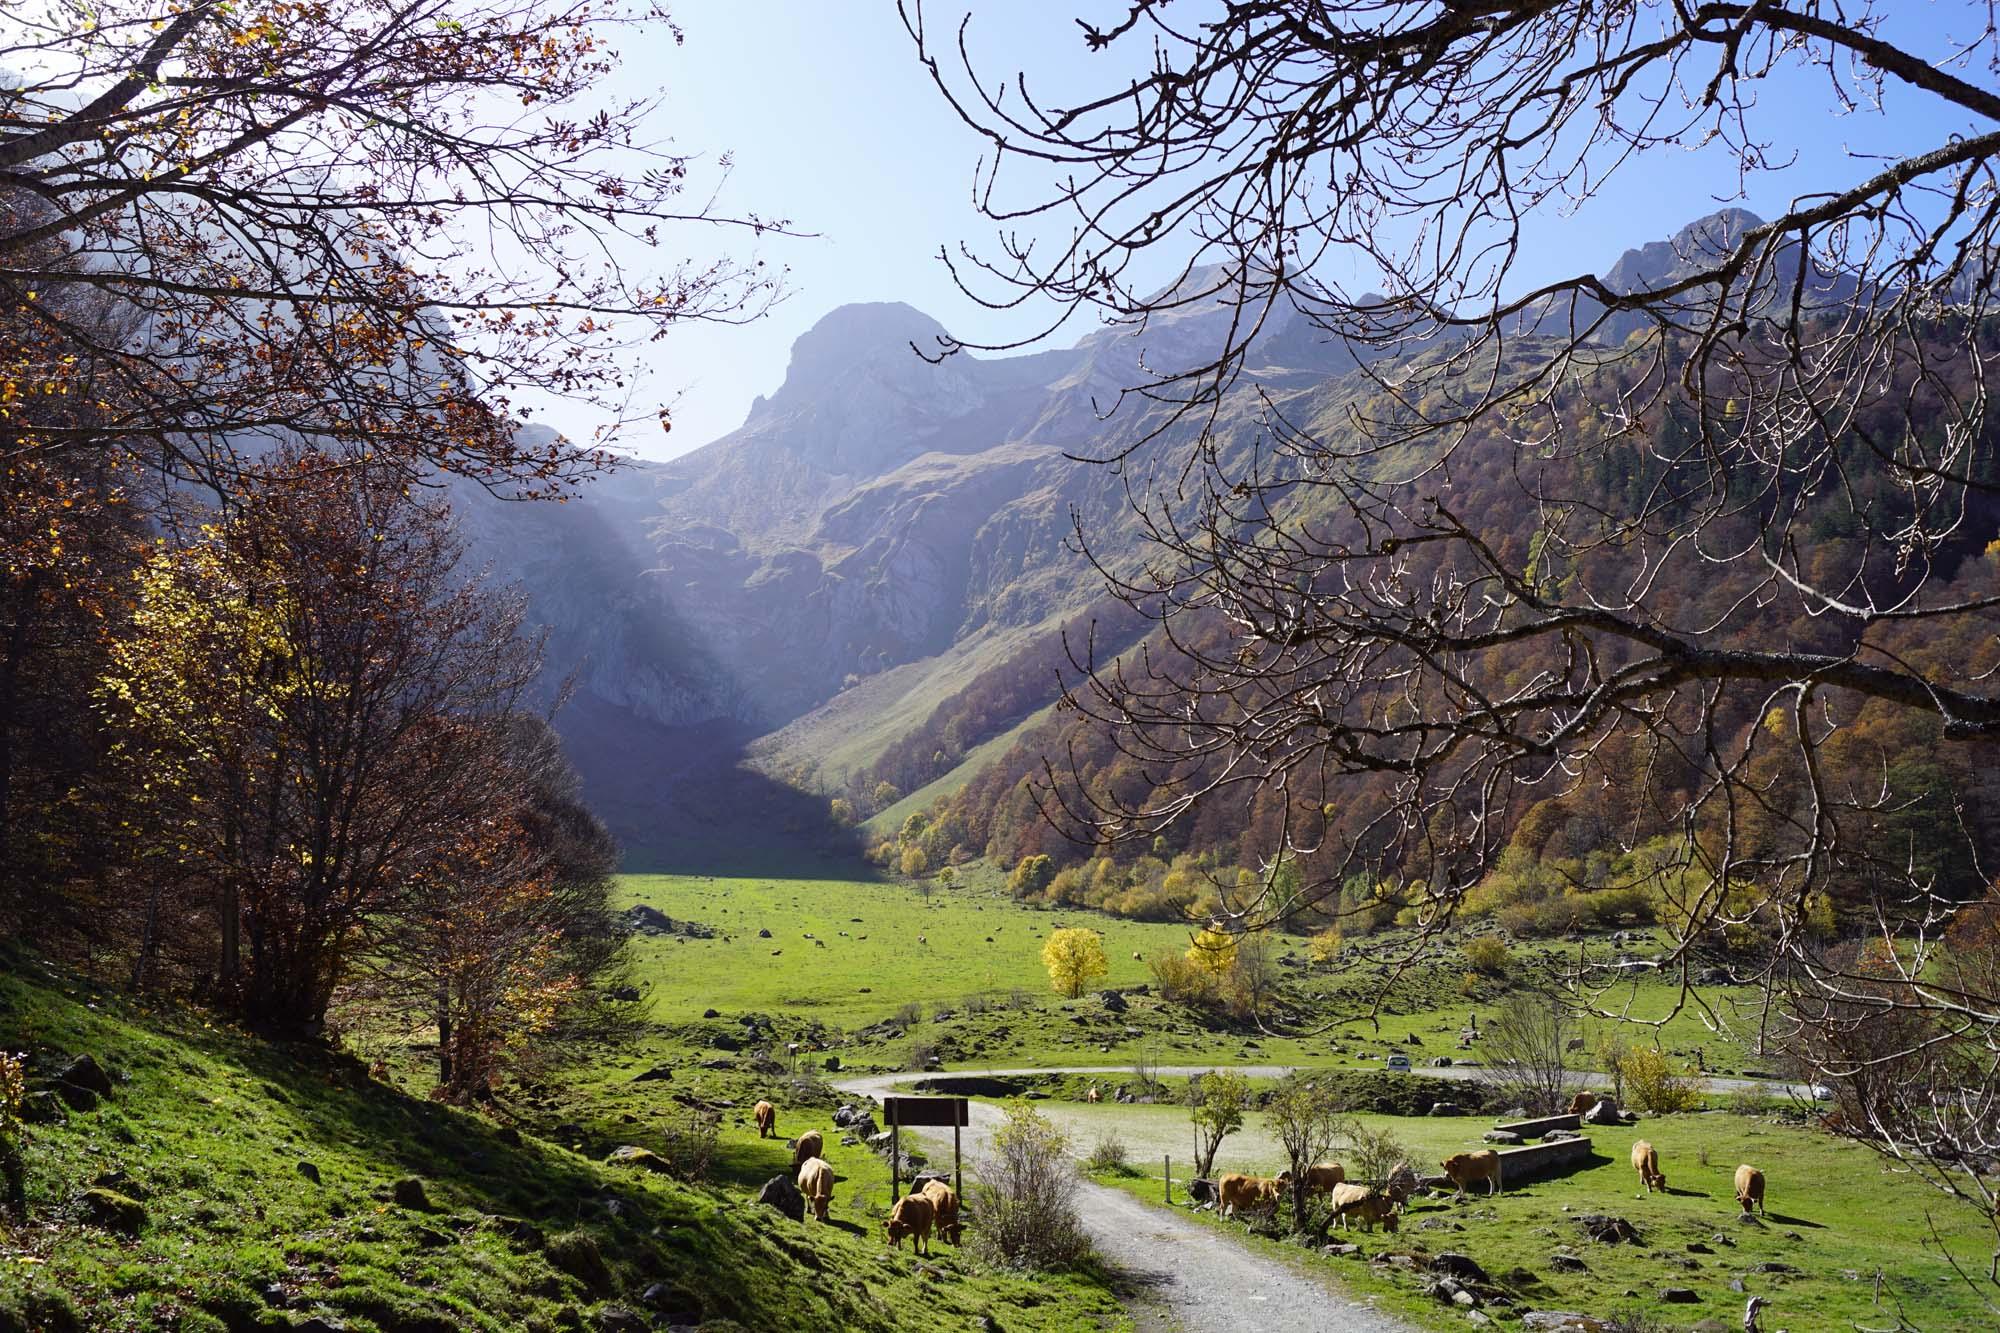 Un idílico entorno en pleno Valle de Arán. Foto: Shutterstock.